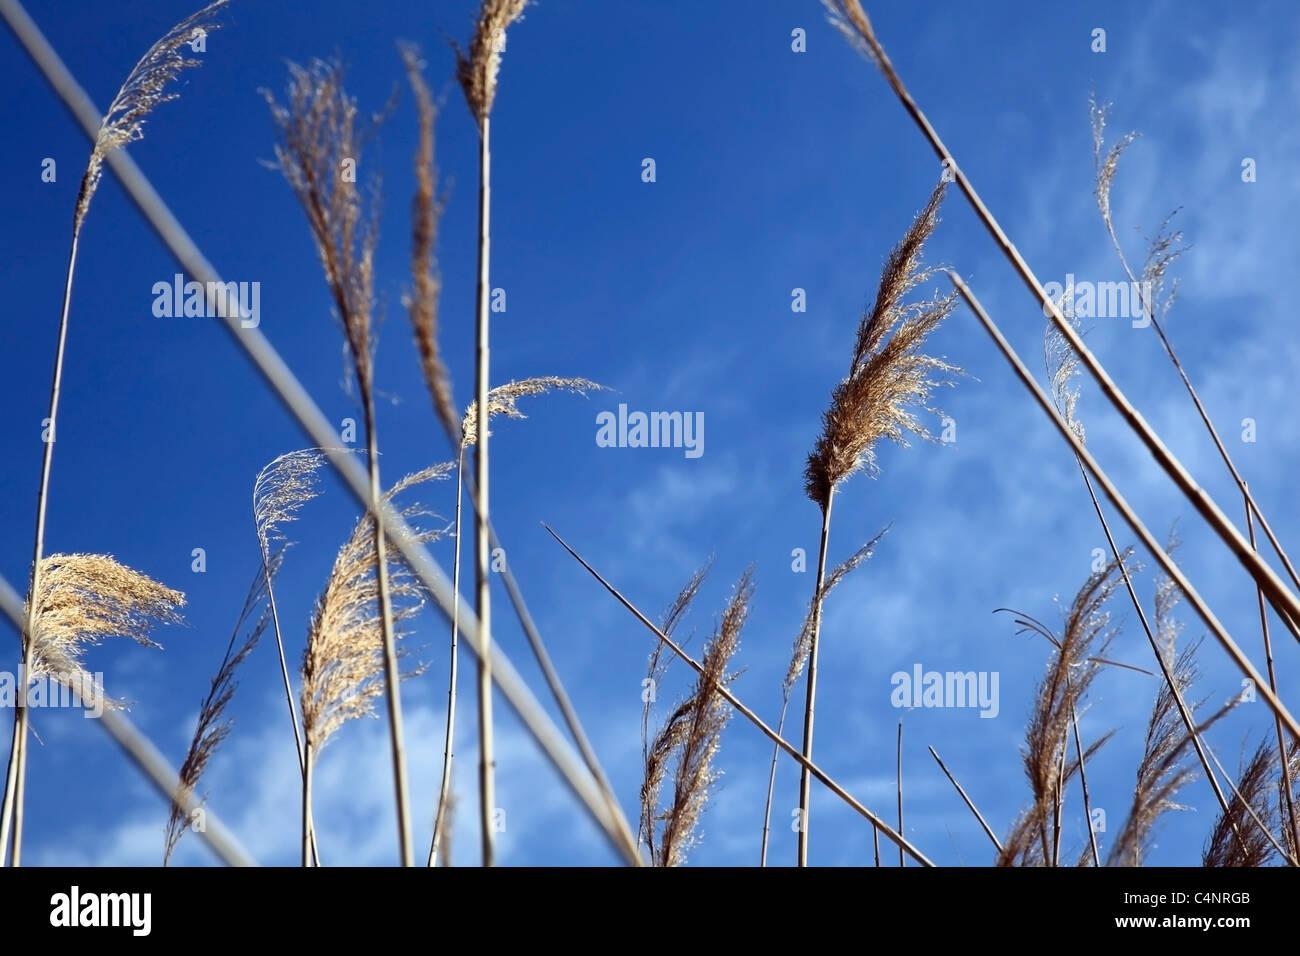 Chanson d'été. Plantes sur un fond de ciel bleu. Shallow DOF. Photo Stock